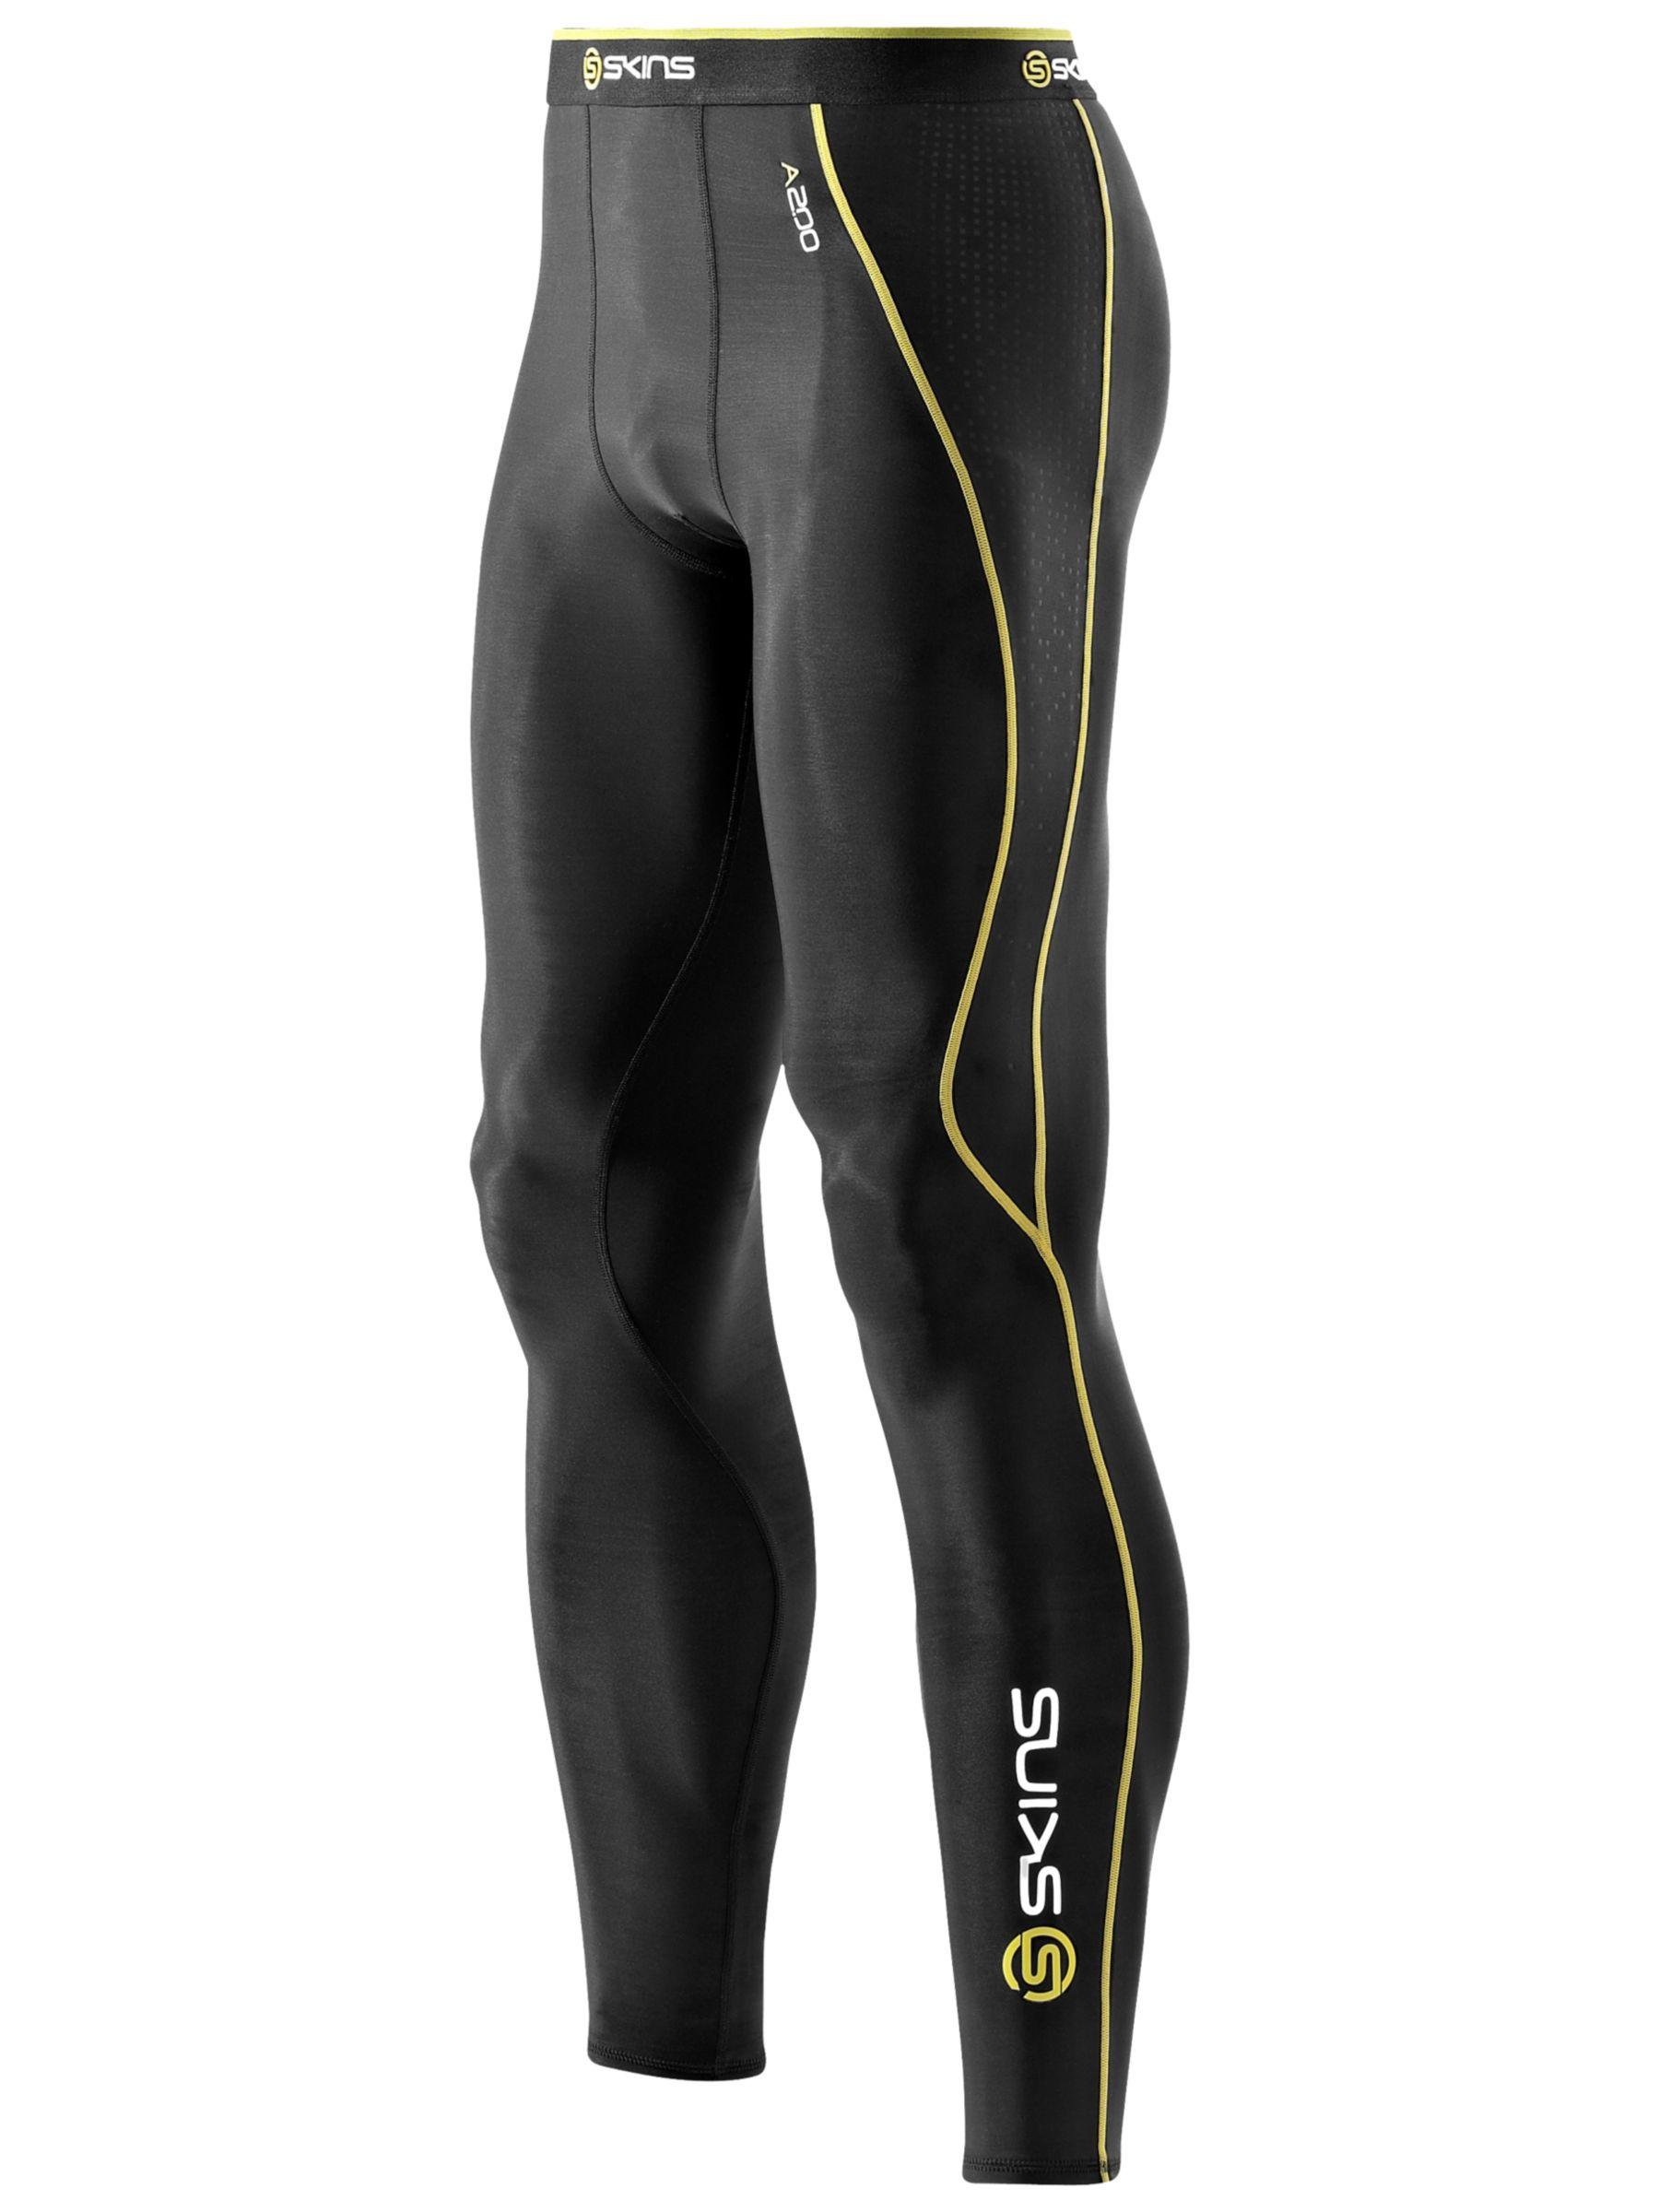 Skins Skins Men's A200 Long Compression Tights, Black